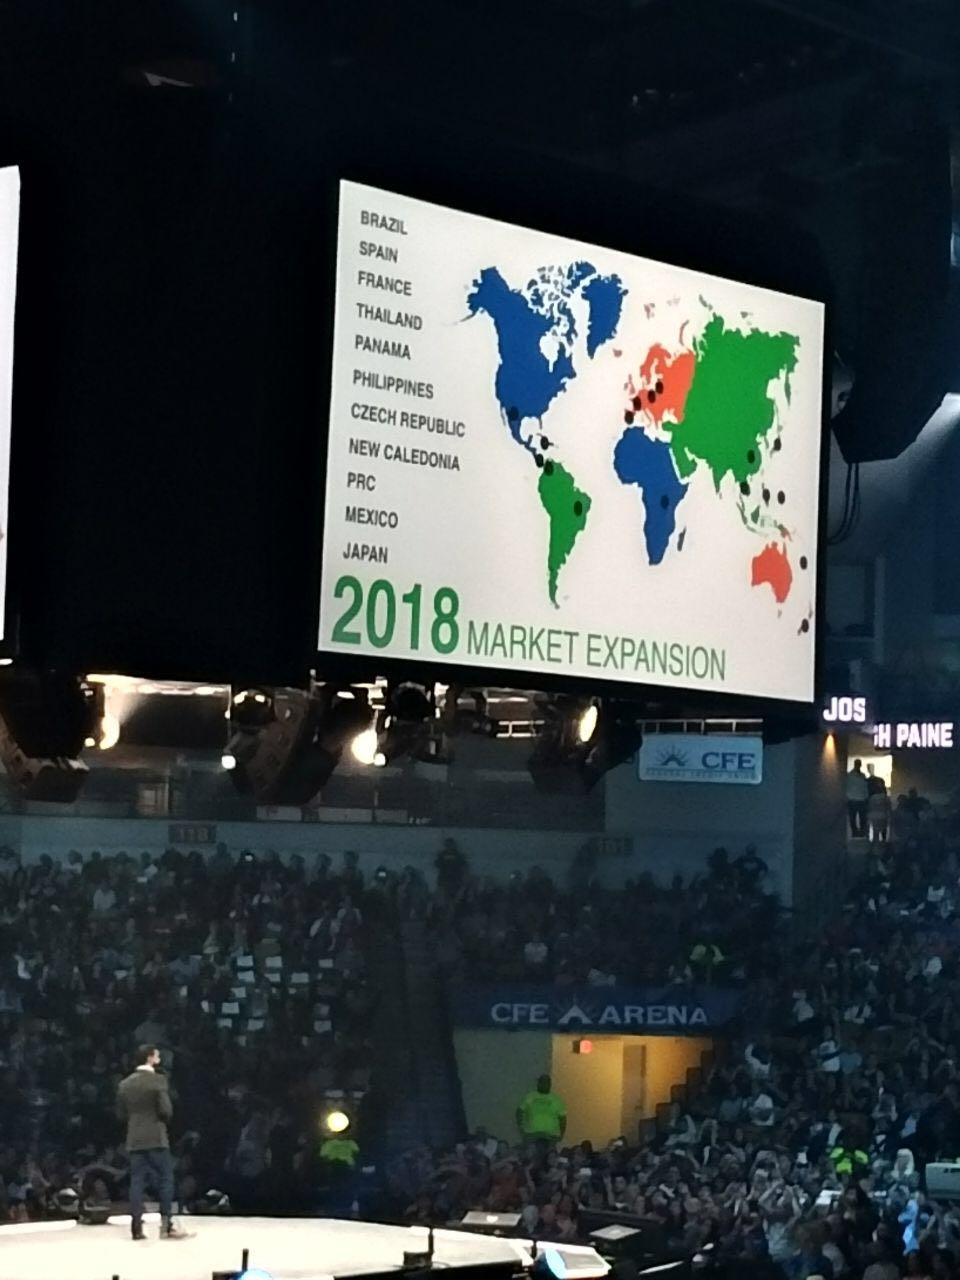 Notícias da WorldVentures direto do evento MOMENTUM nos EUA